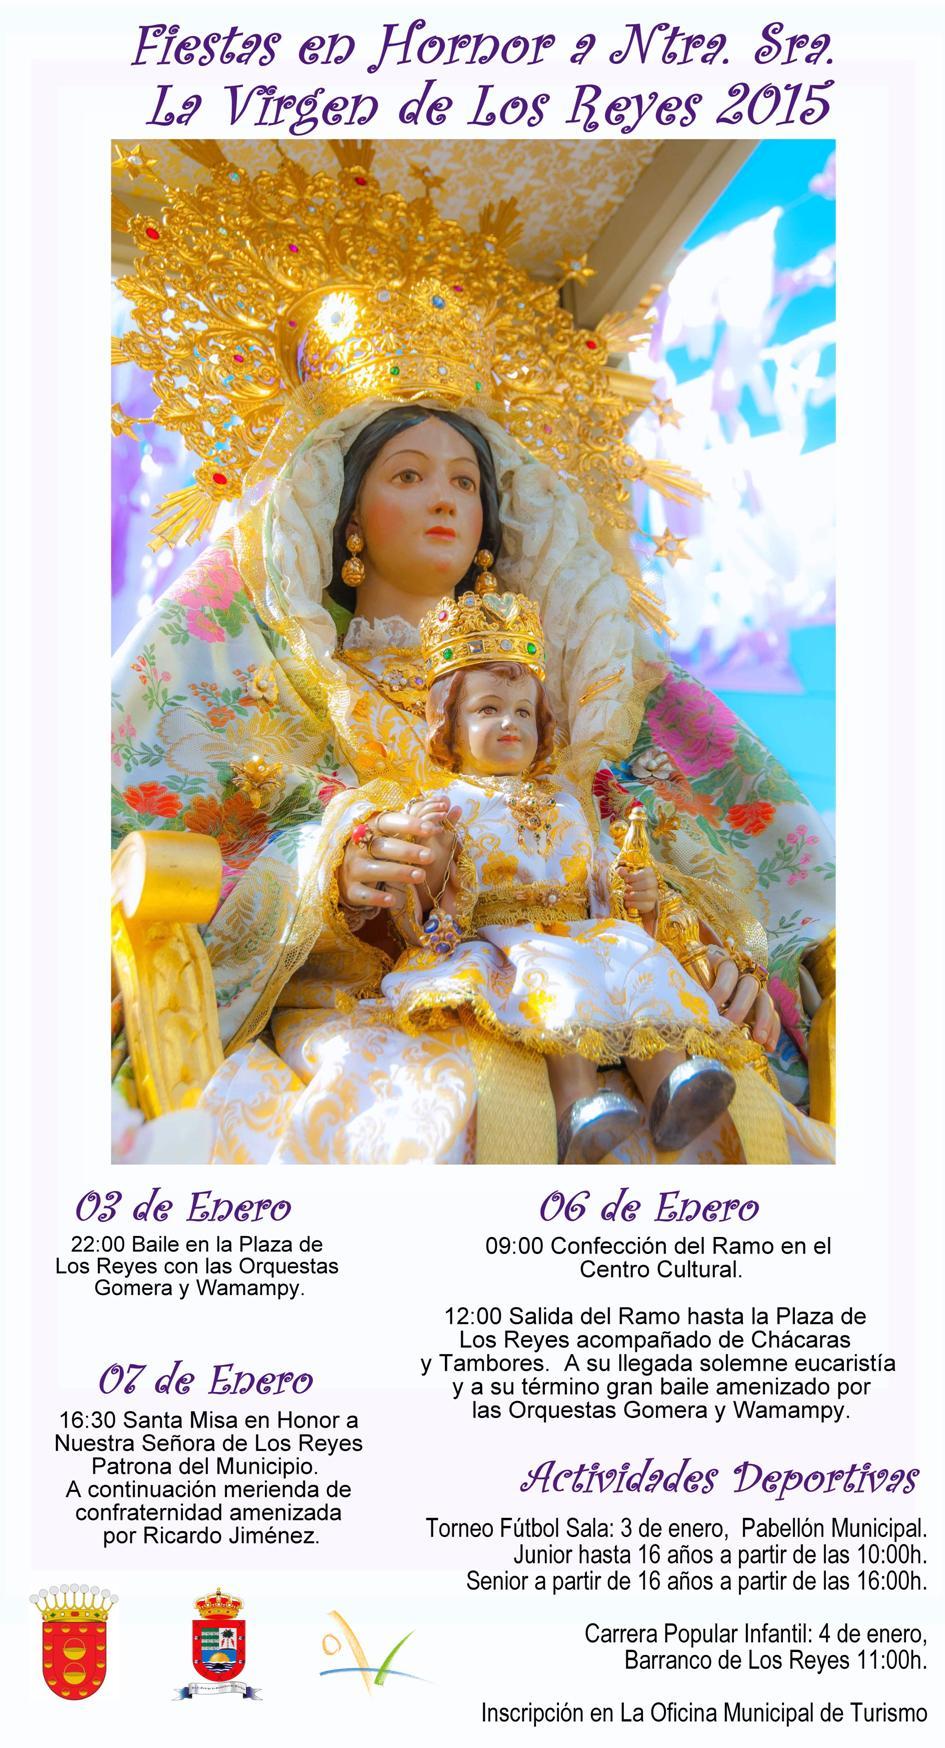 Cartel Programa de La Fiestas de Los Reyes 2015